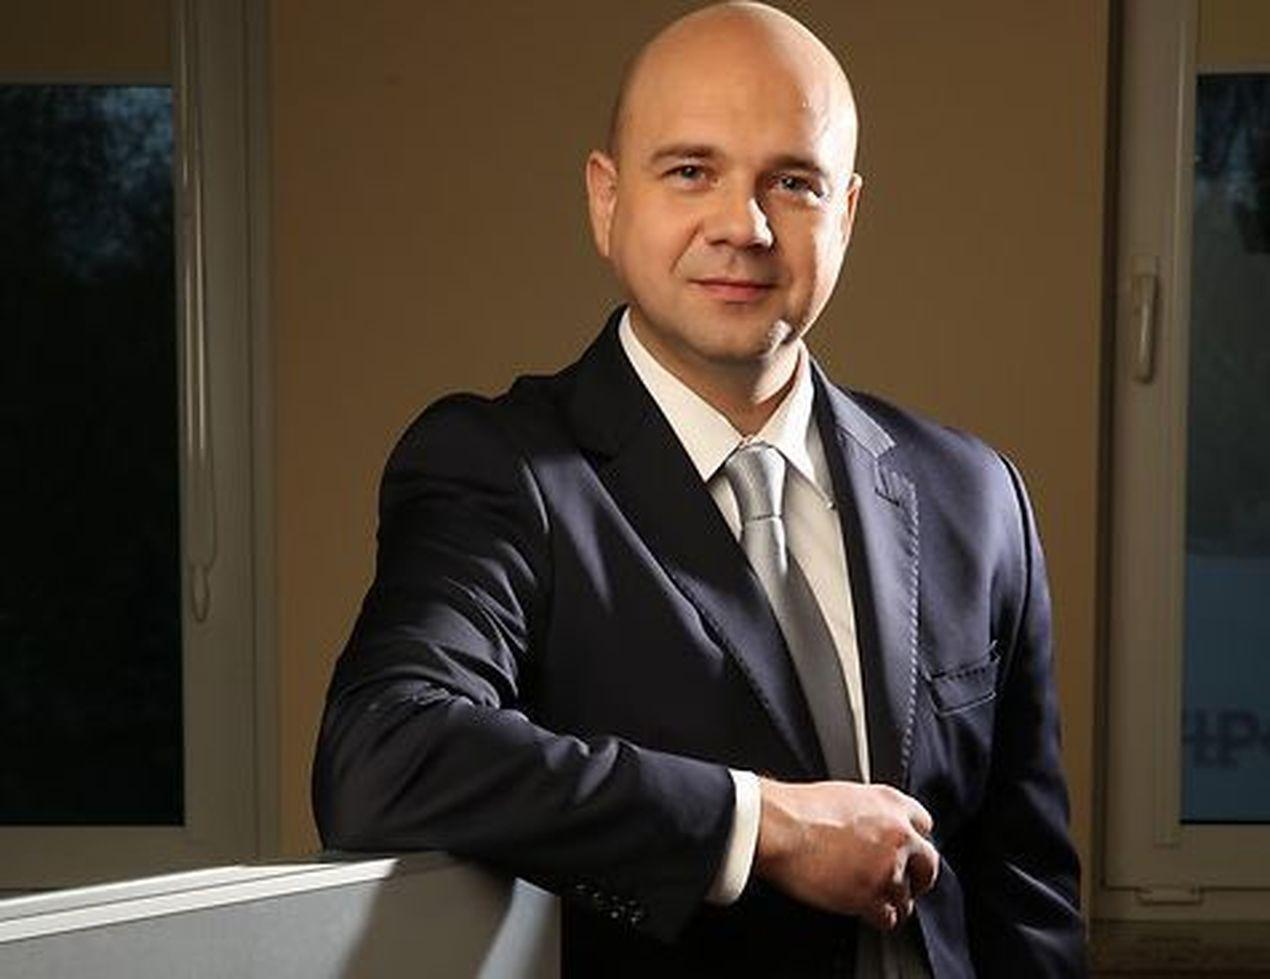 Apel Rzecznika Praw Pacjenta ws. osobistych wizyt pacjentów w placówkach ochrony zdrowia - Zdjęcie główne